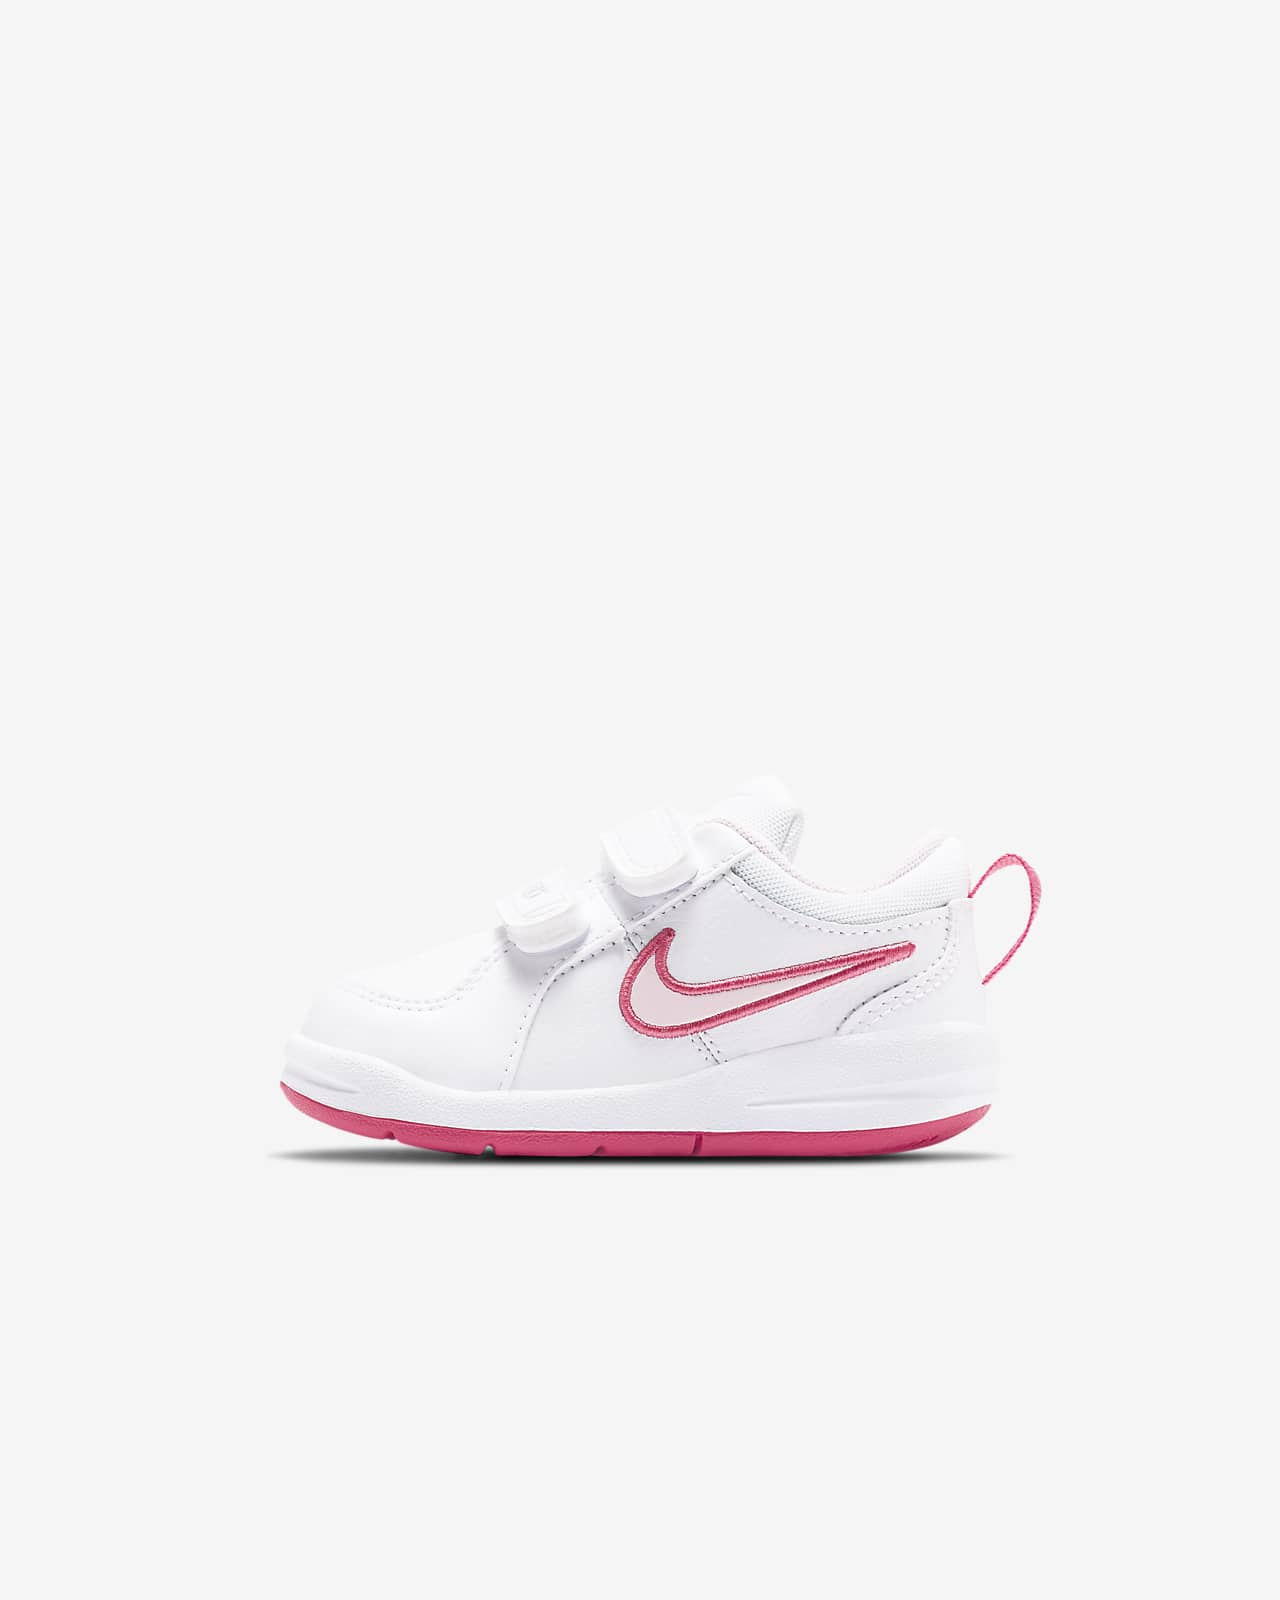 Nike Pico 4(TDV) 婴童运动童鞋